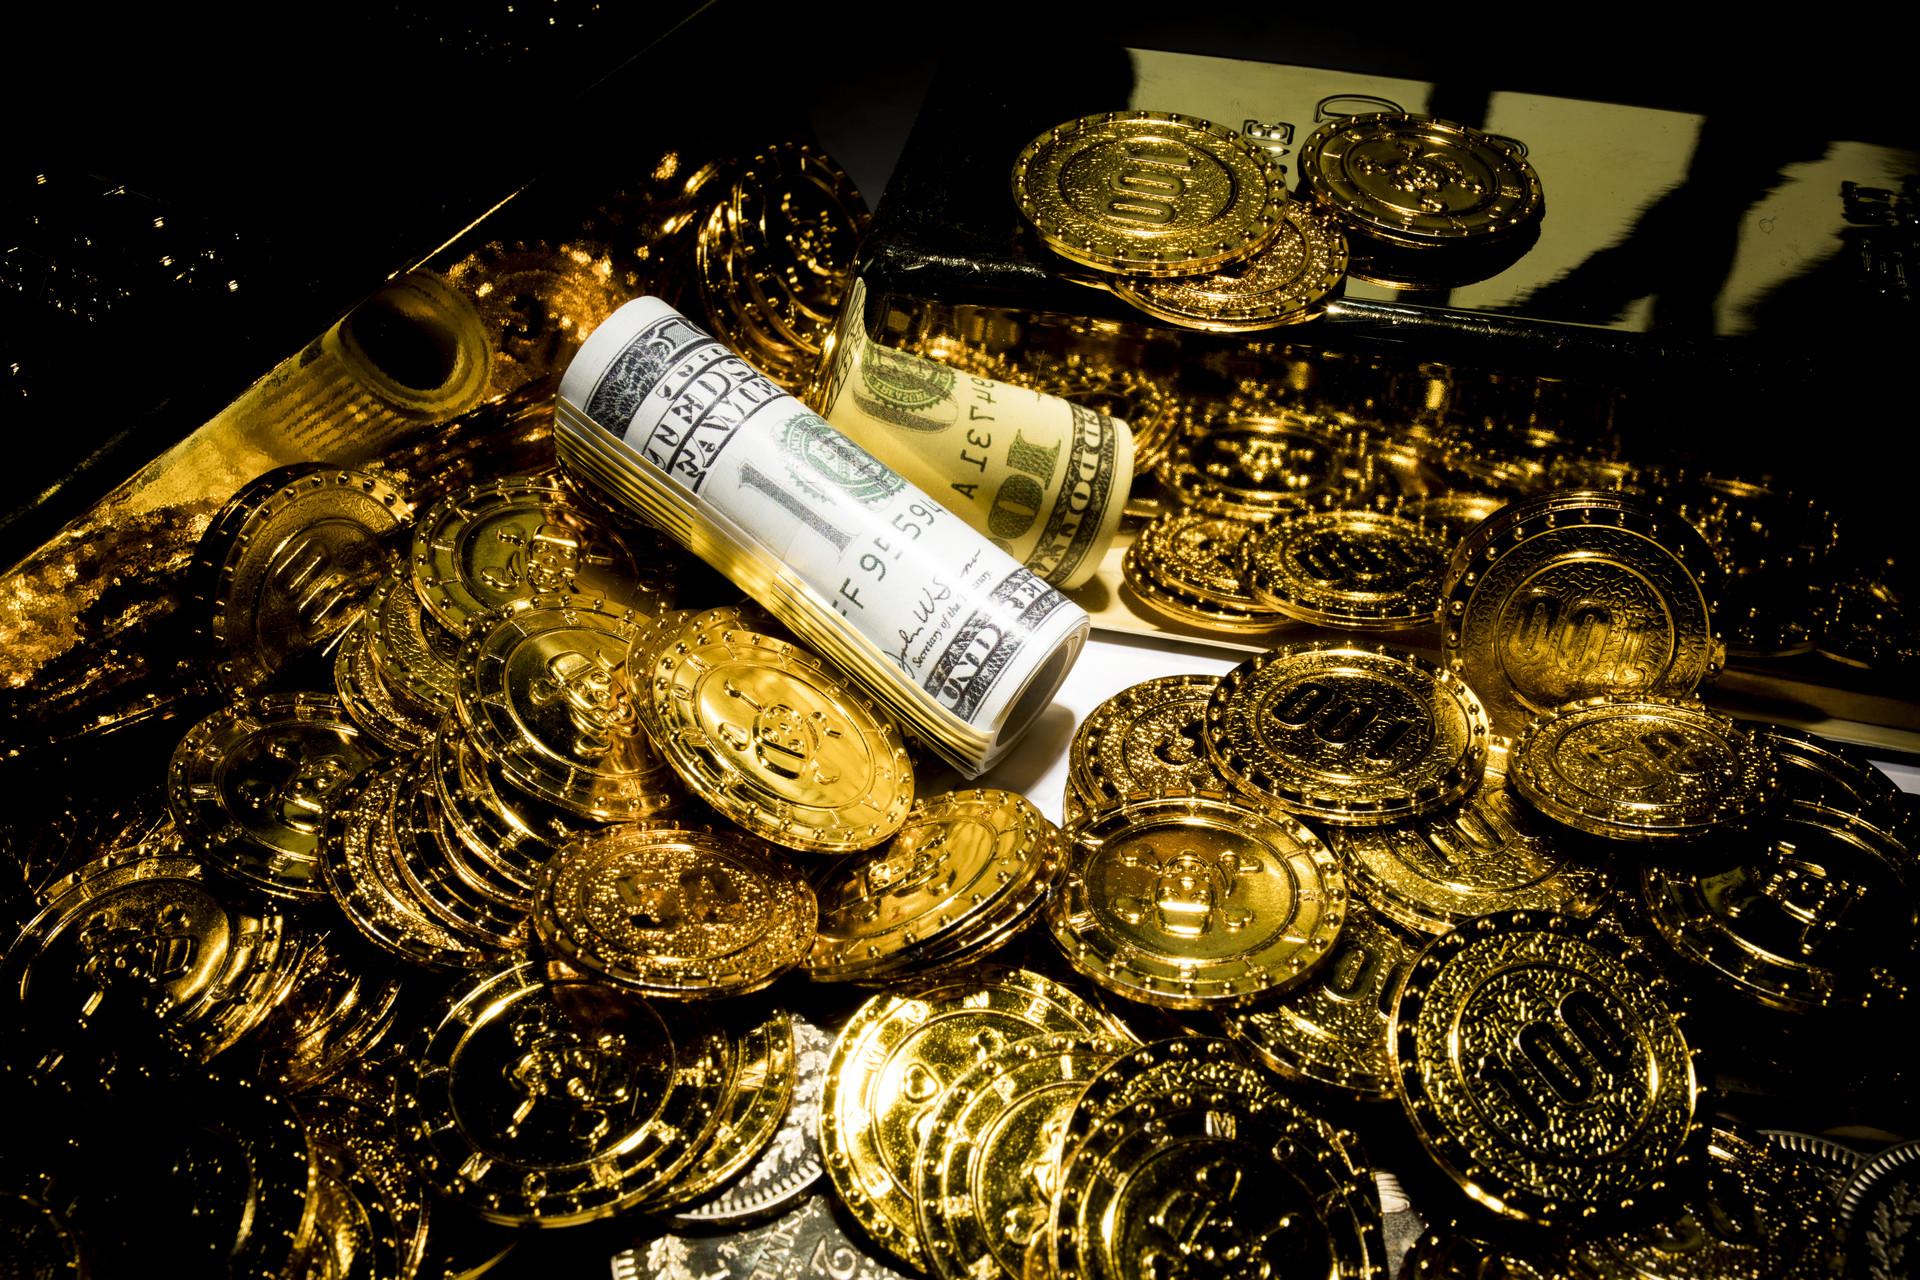 瑞士信貸:黃金若跌破1691/77后將暴跌至1565/60